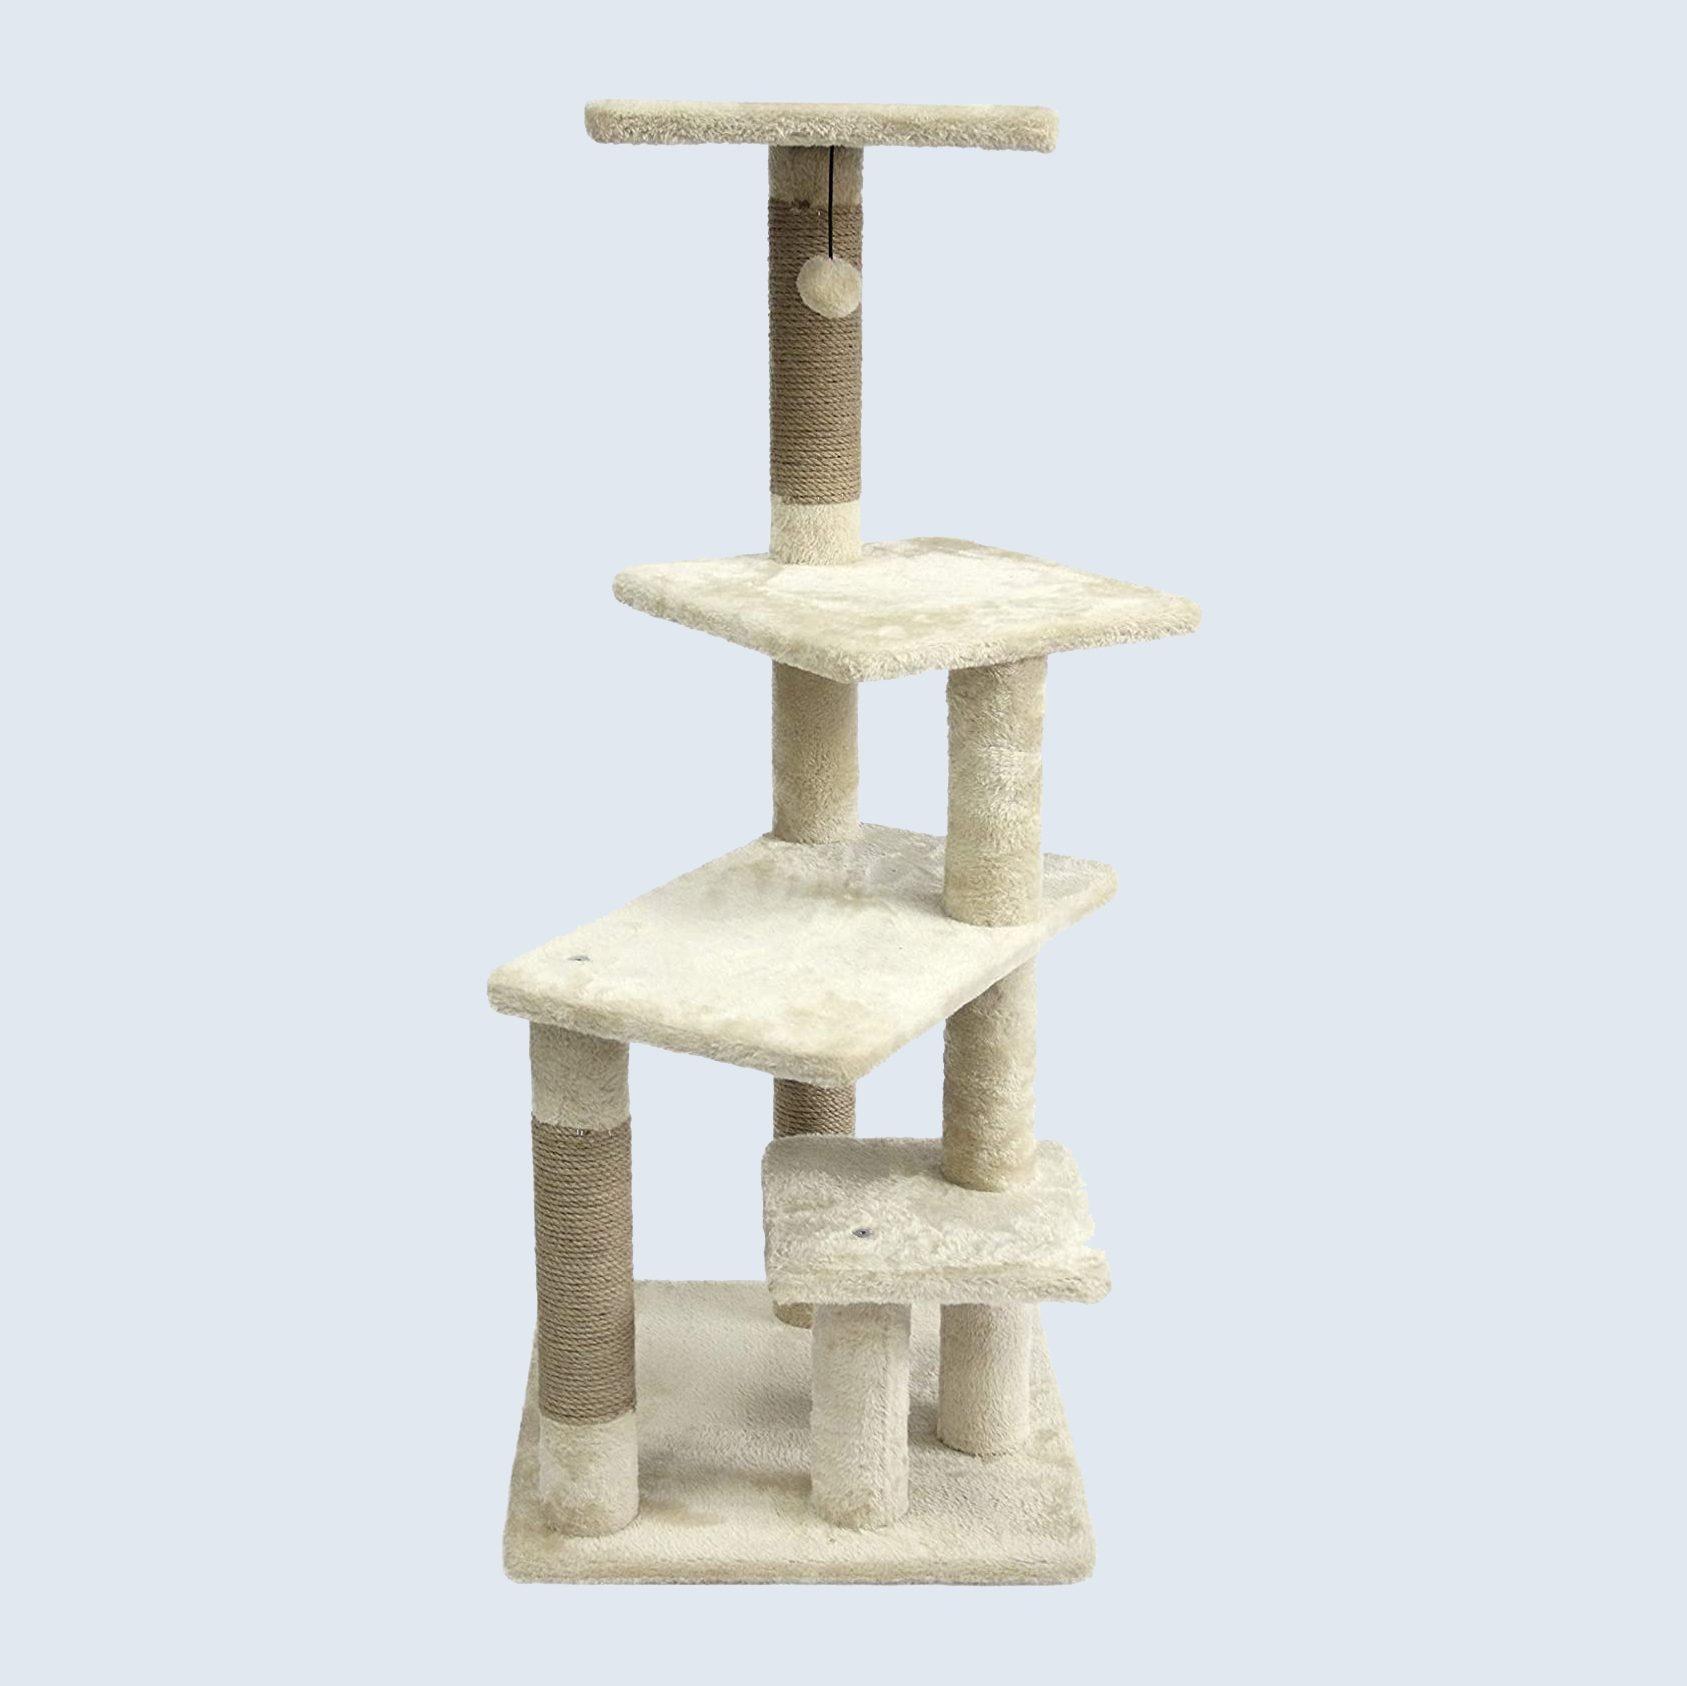 AmazonBasics Cat Tree